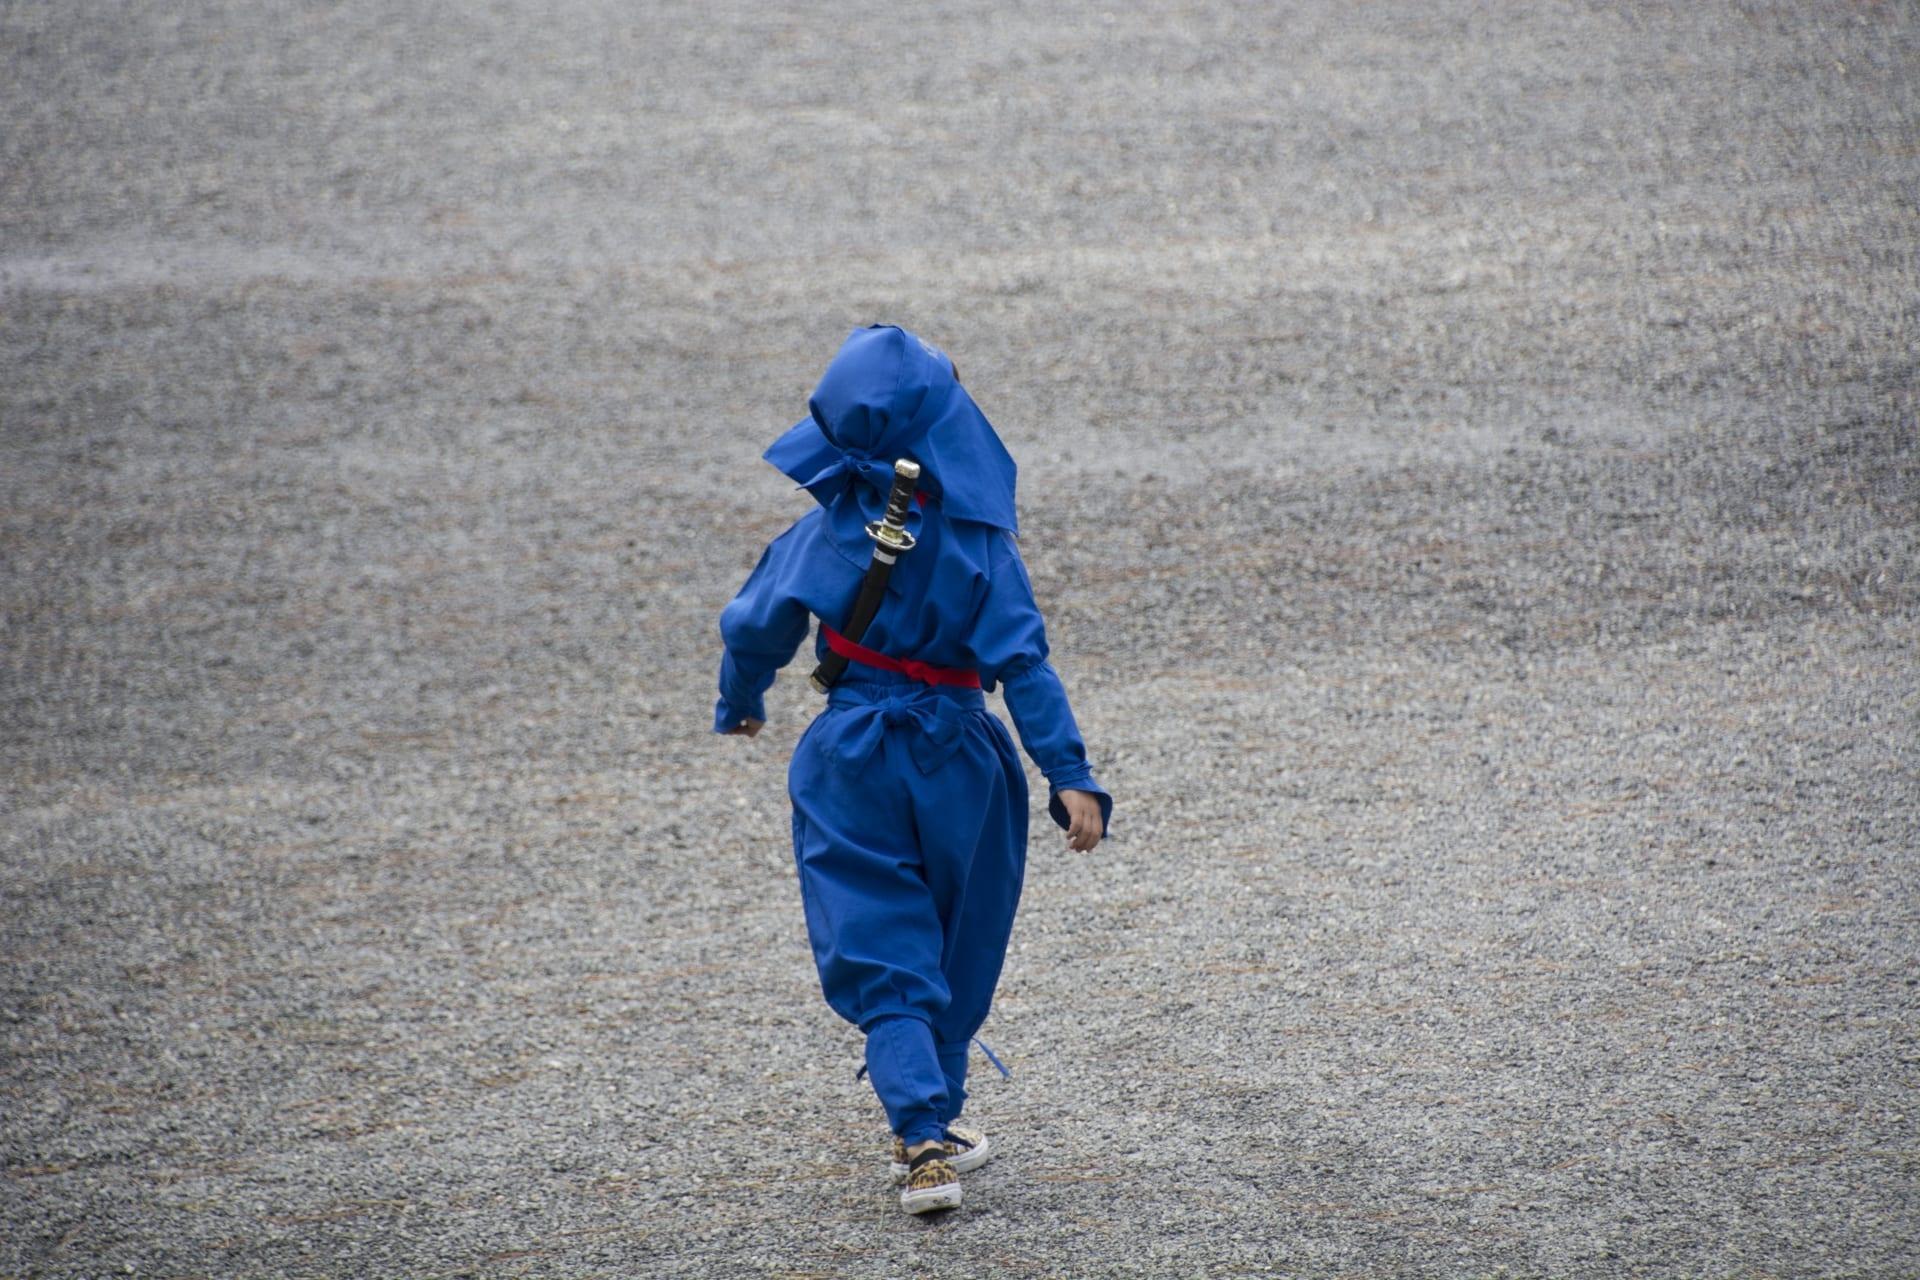 【コロナ対策も】雨の日、子どもとどこ行く?子どもが喜ぶ、穴場おでかけアイデア6選